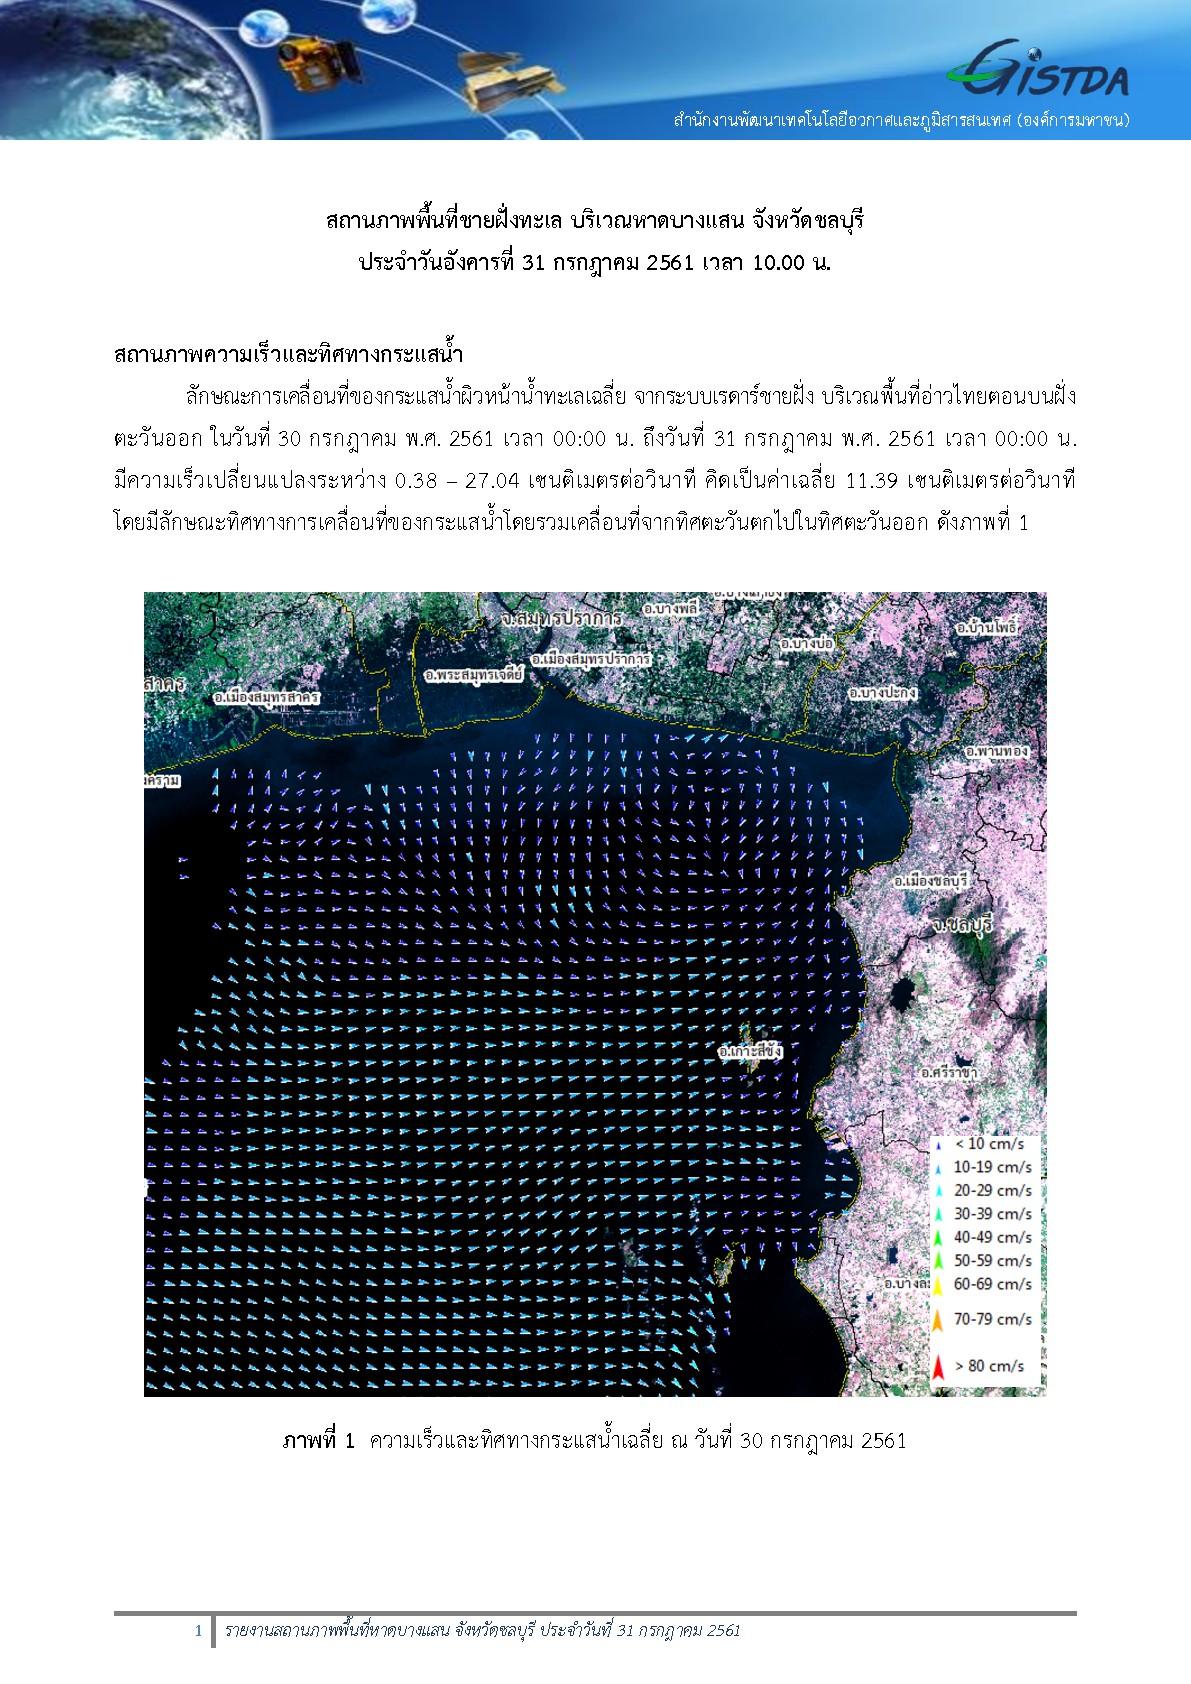 20180731_Bangsaen-001-001